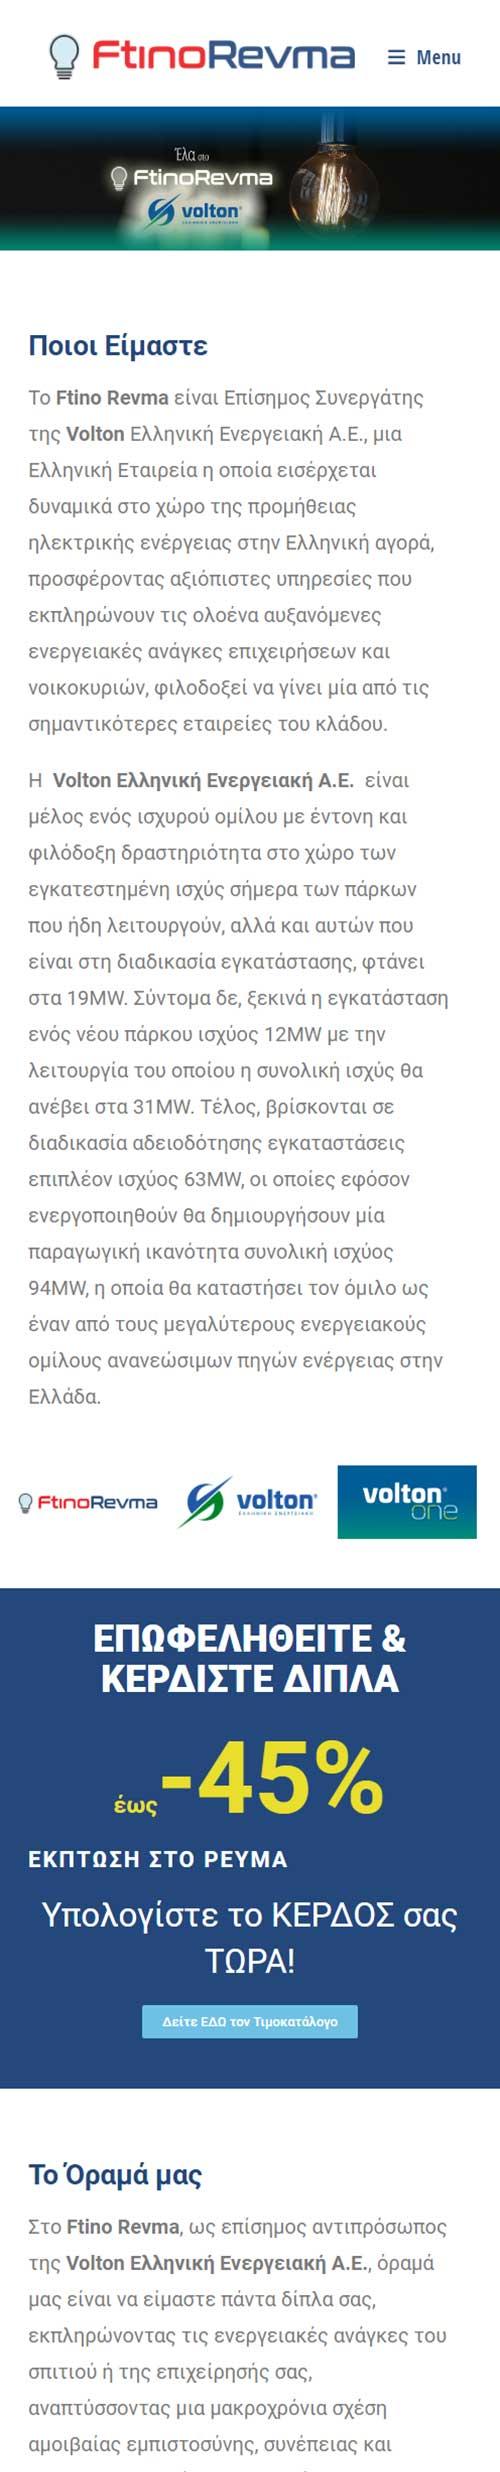 Κατασκευή ιστοσελίδων ftino revma resp 04